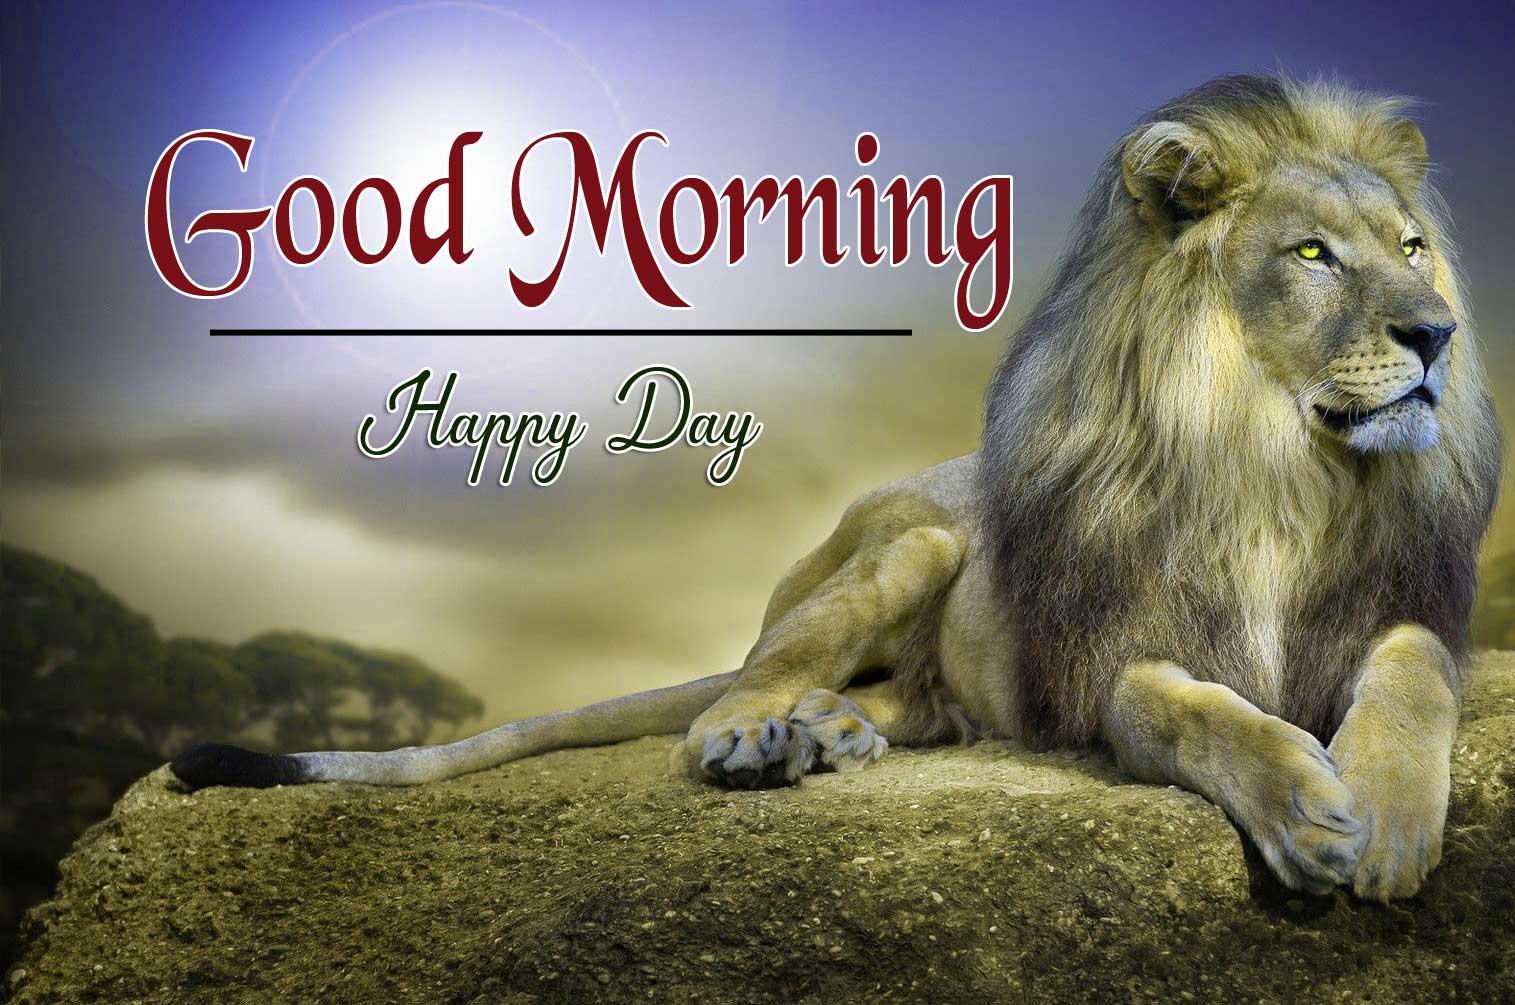 Animal Good Morning Image 1